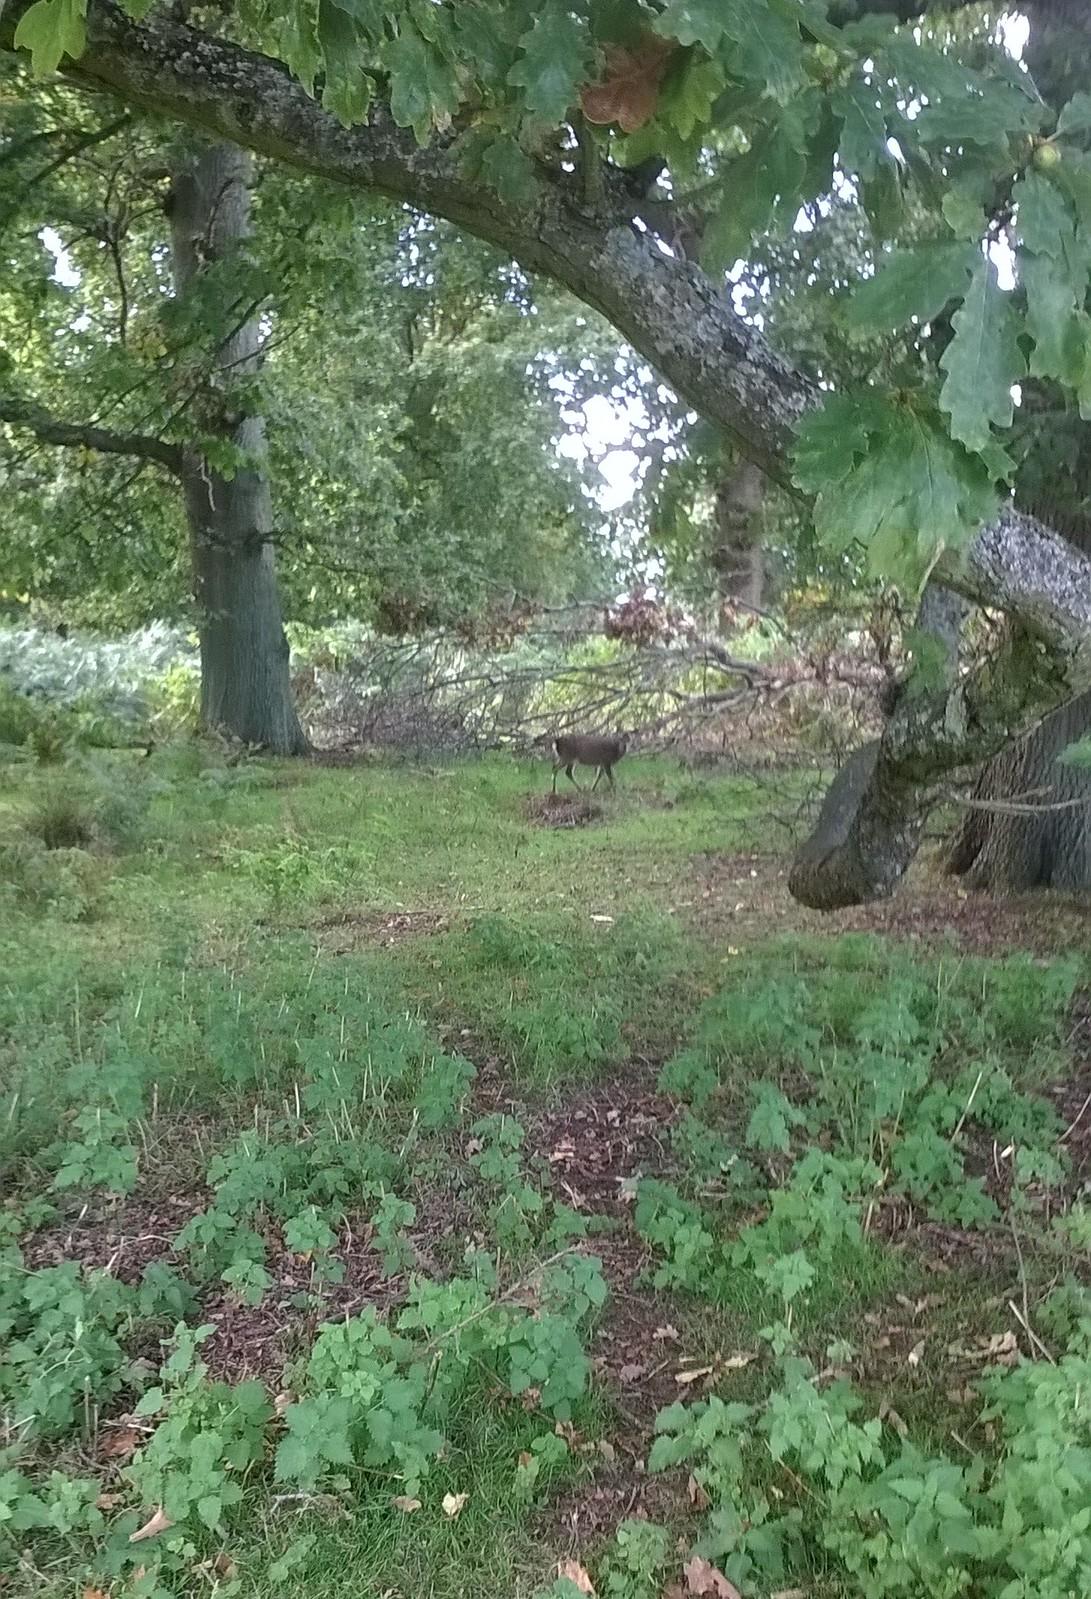 Spotted deer? Knole Park